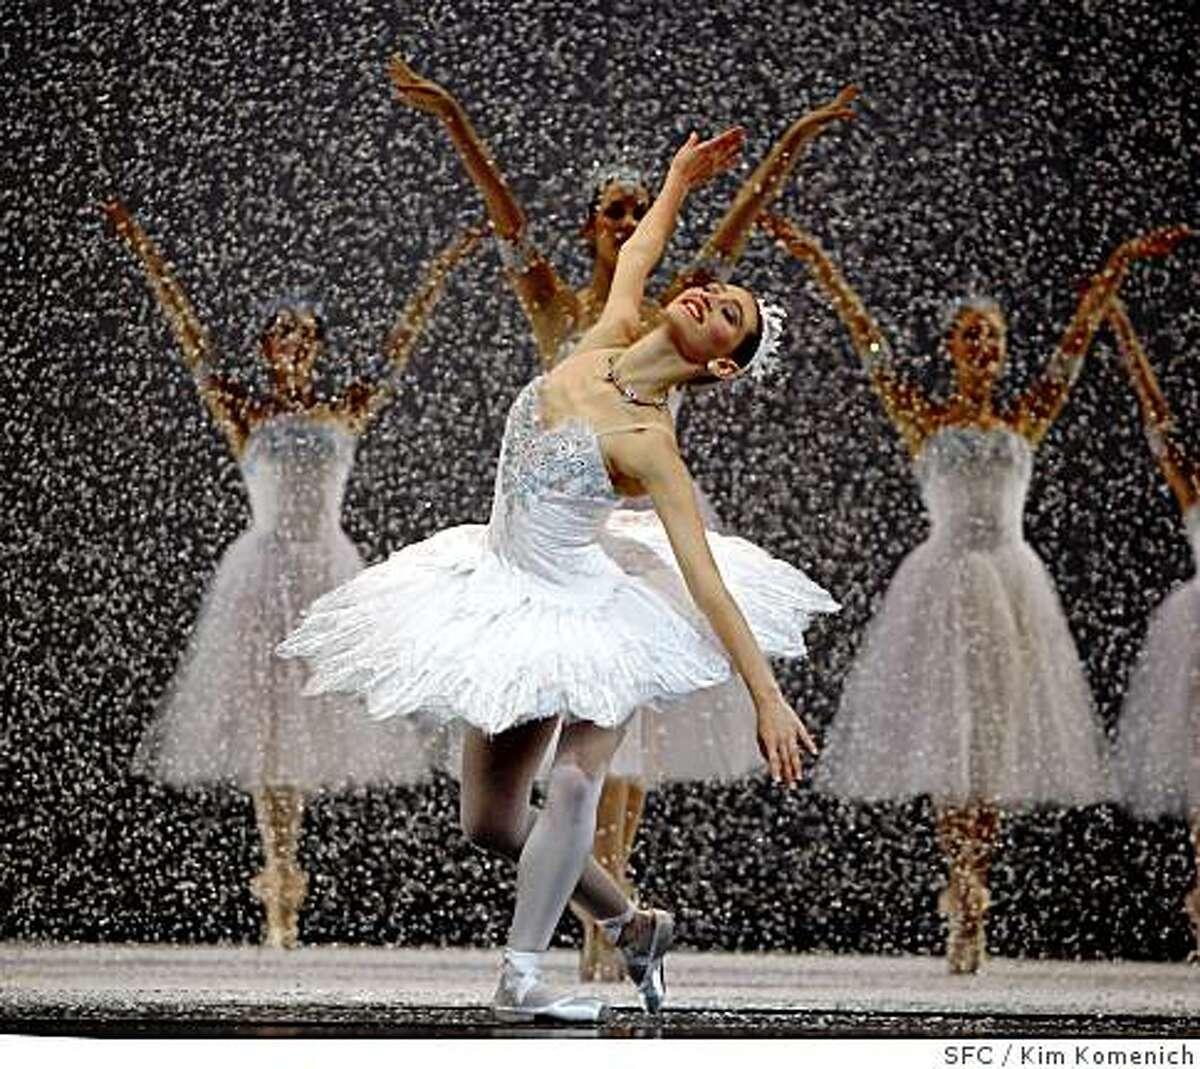 arah Van Patten is the Queen of the Snow in the San Francsico Ballet's